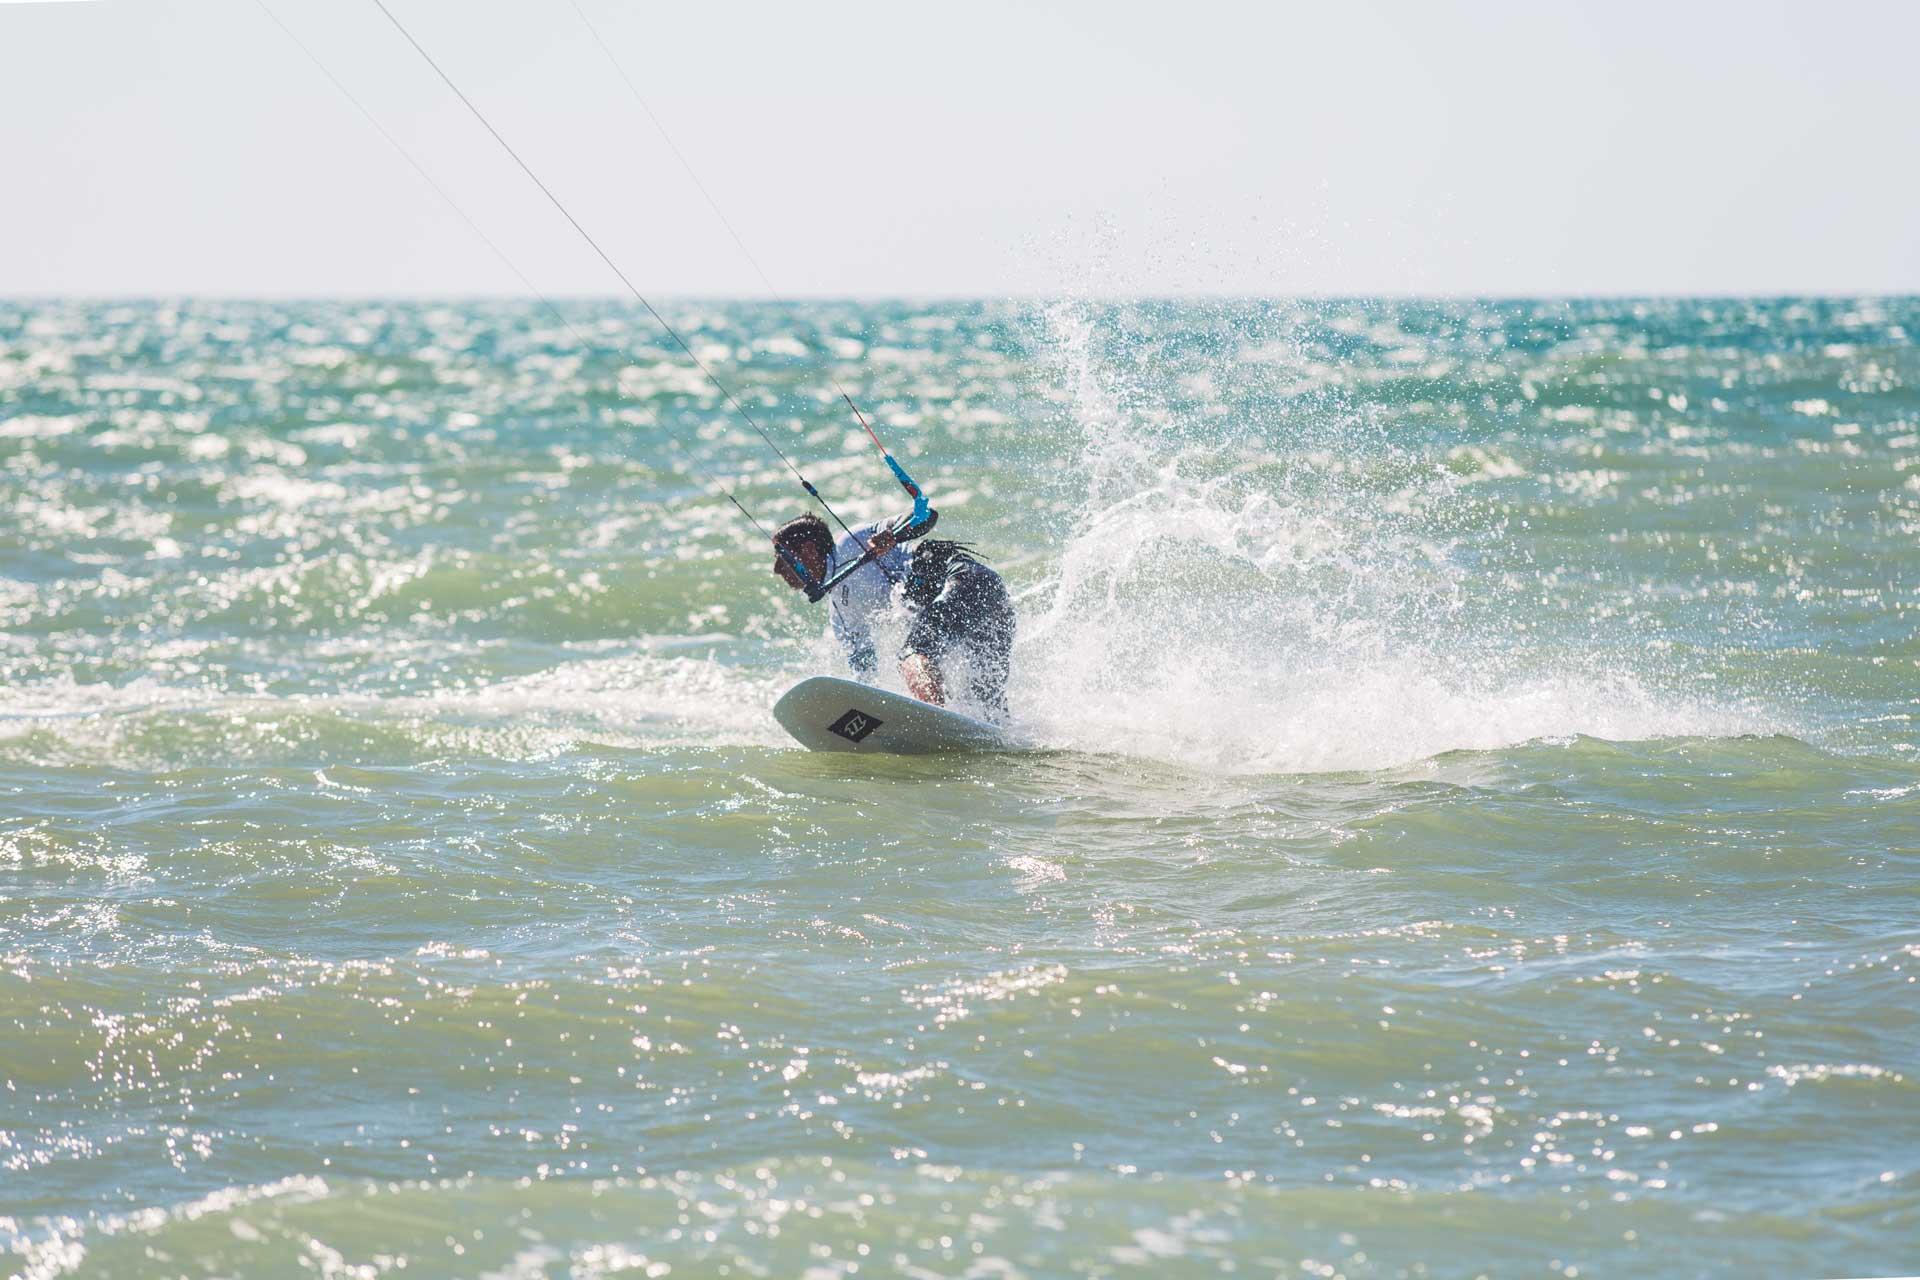 Kitesurf freestyle strapless